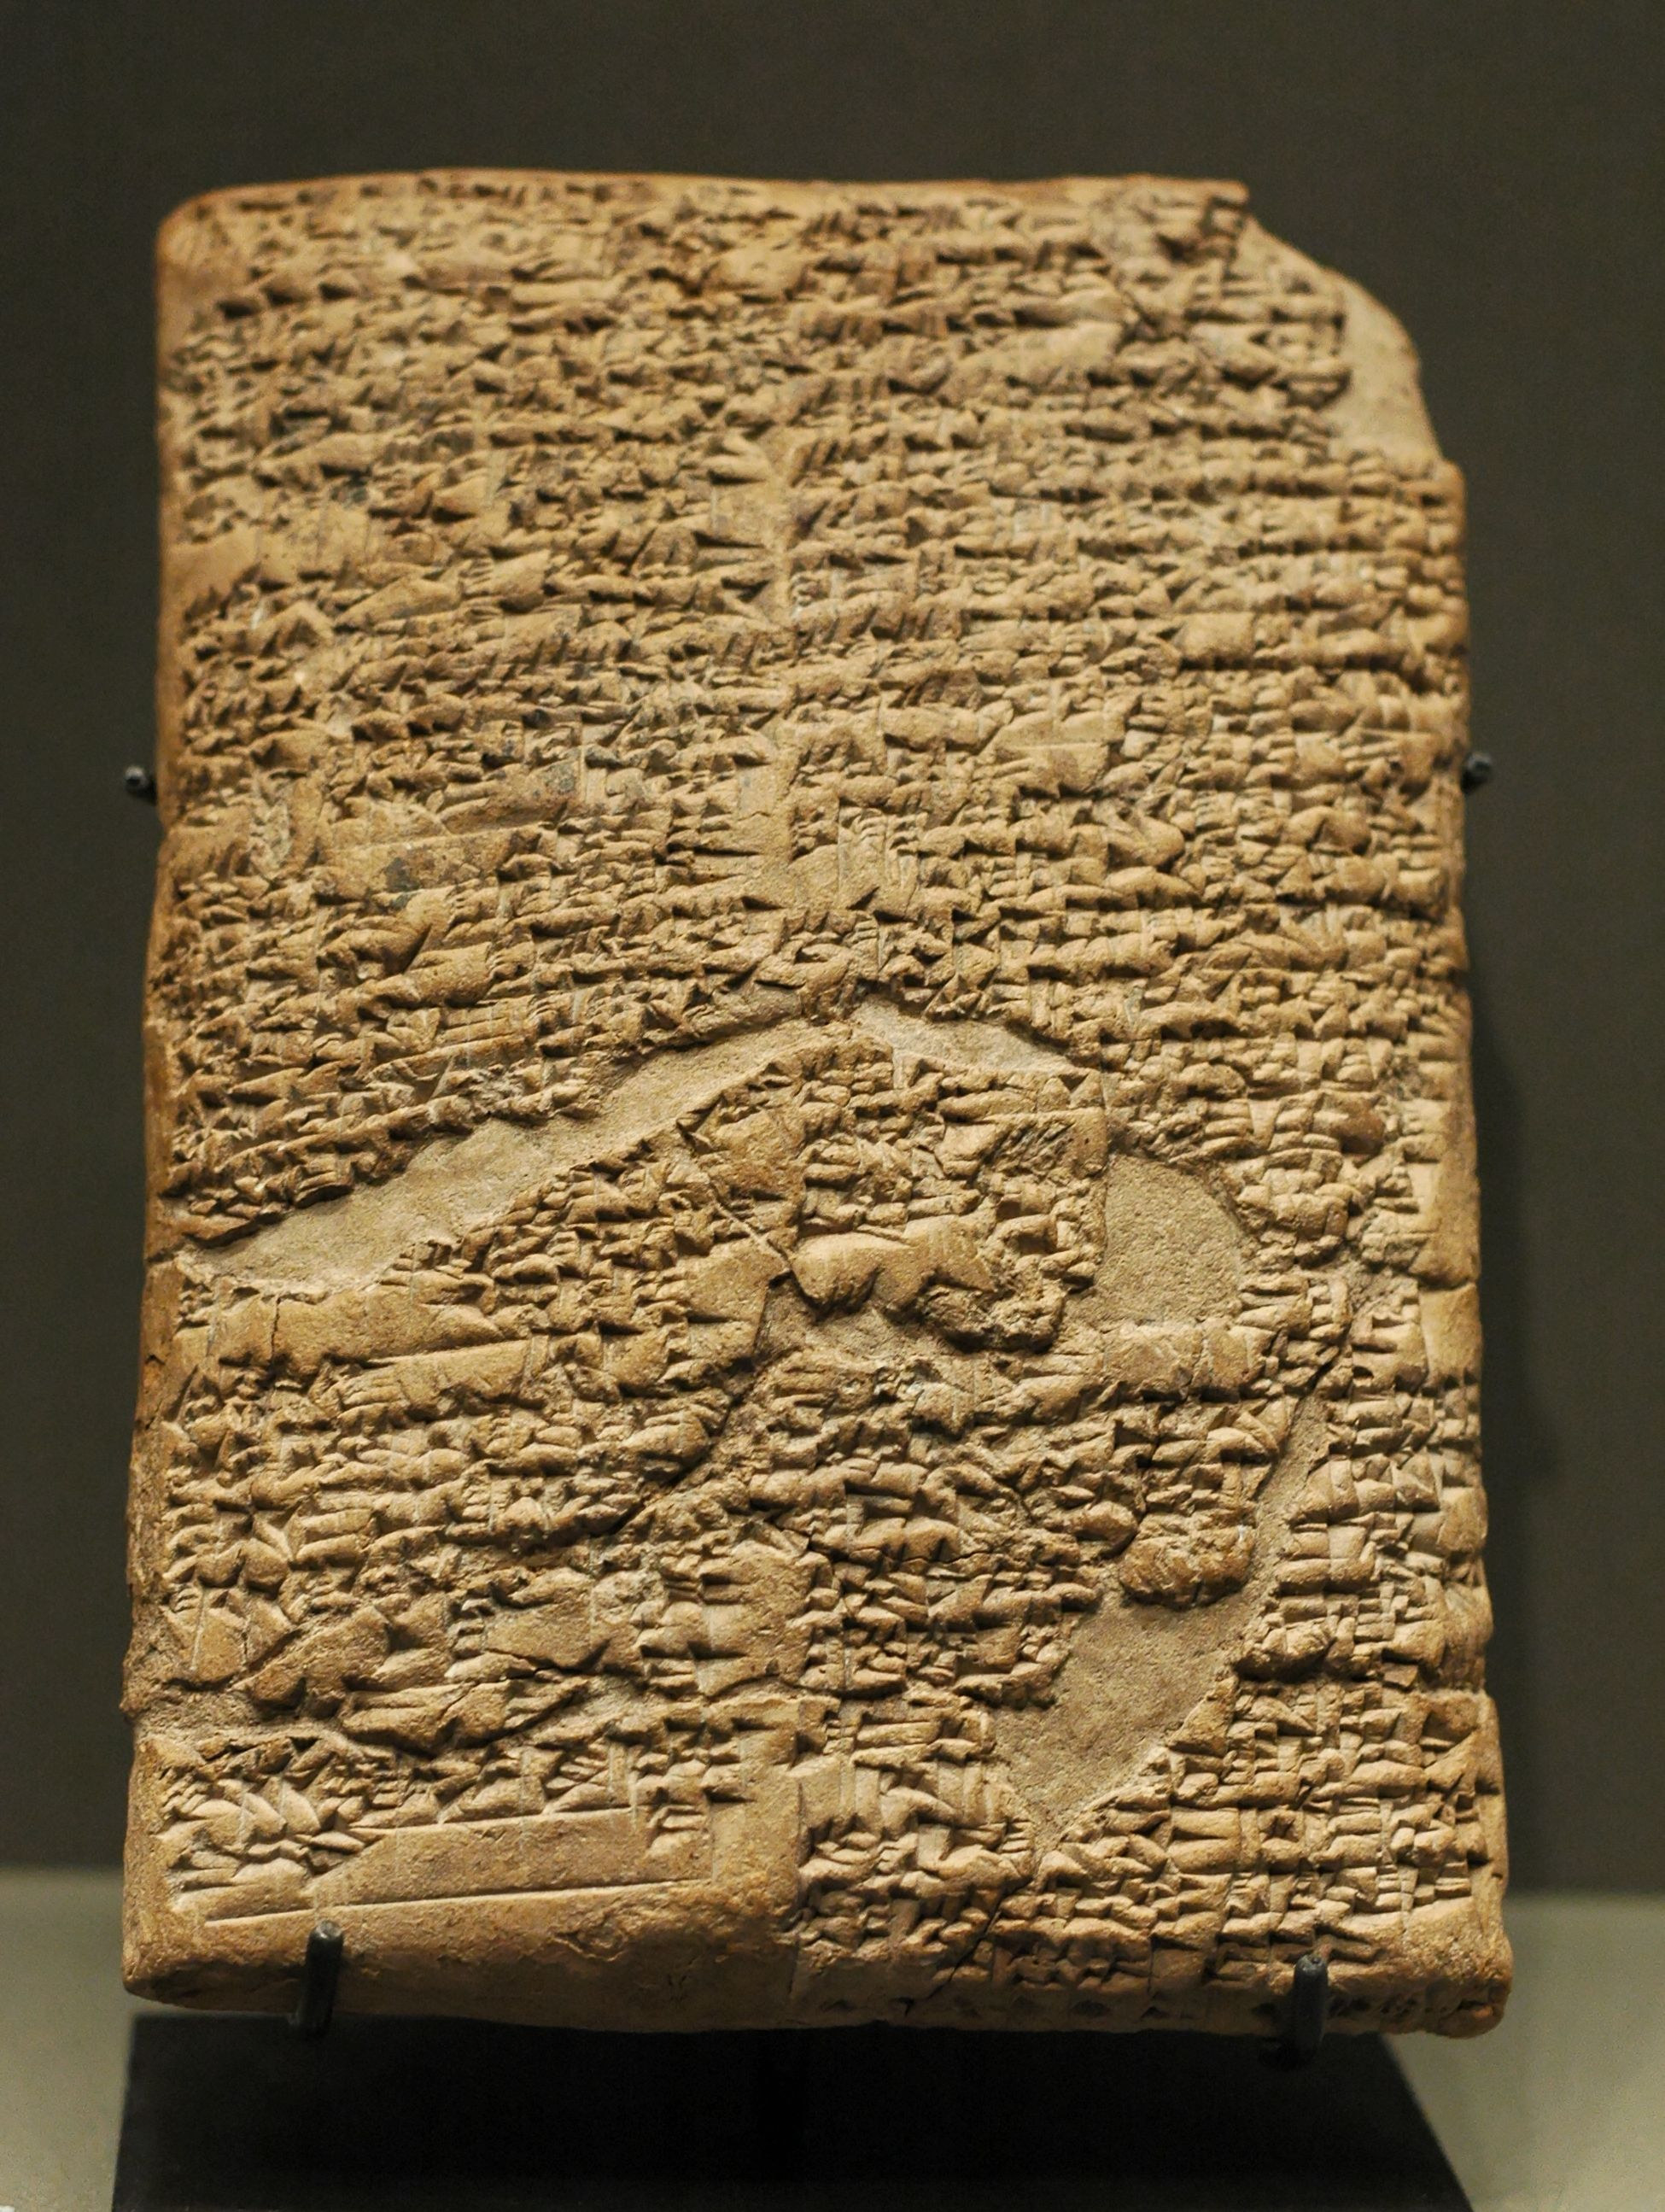 The Code of Hammurabi is a well preserved